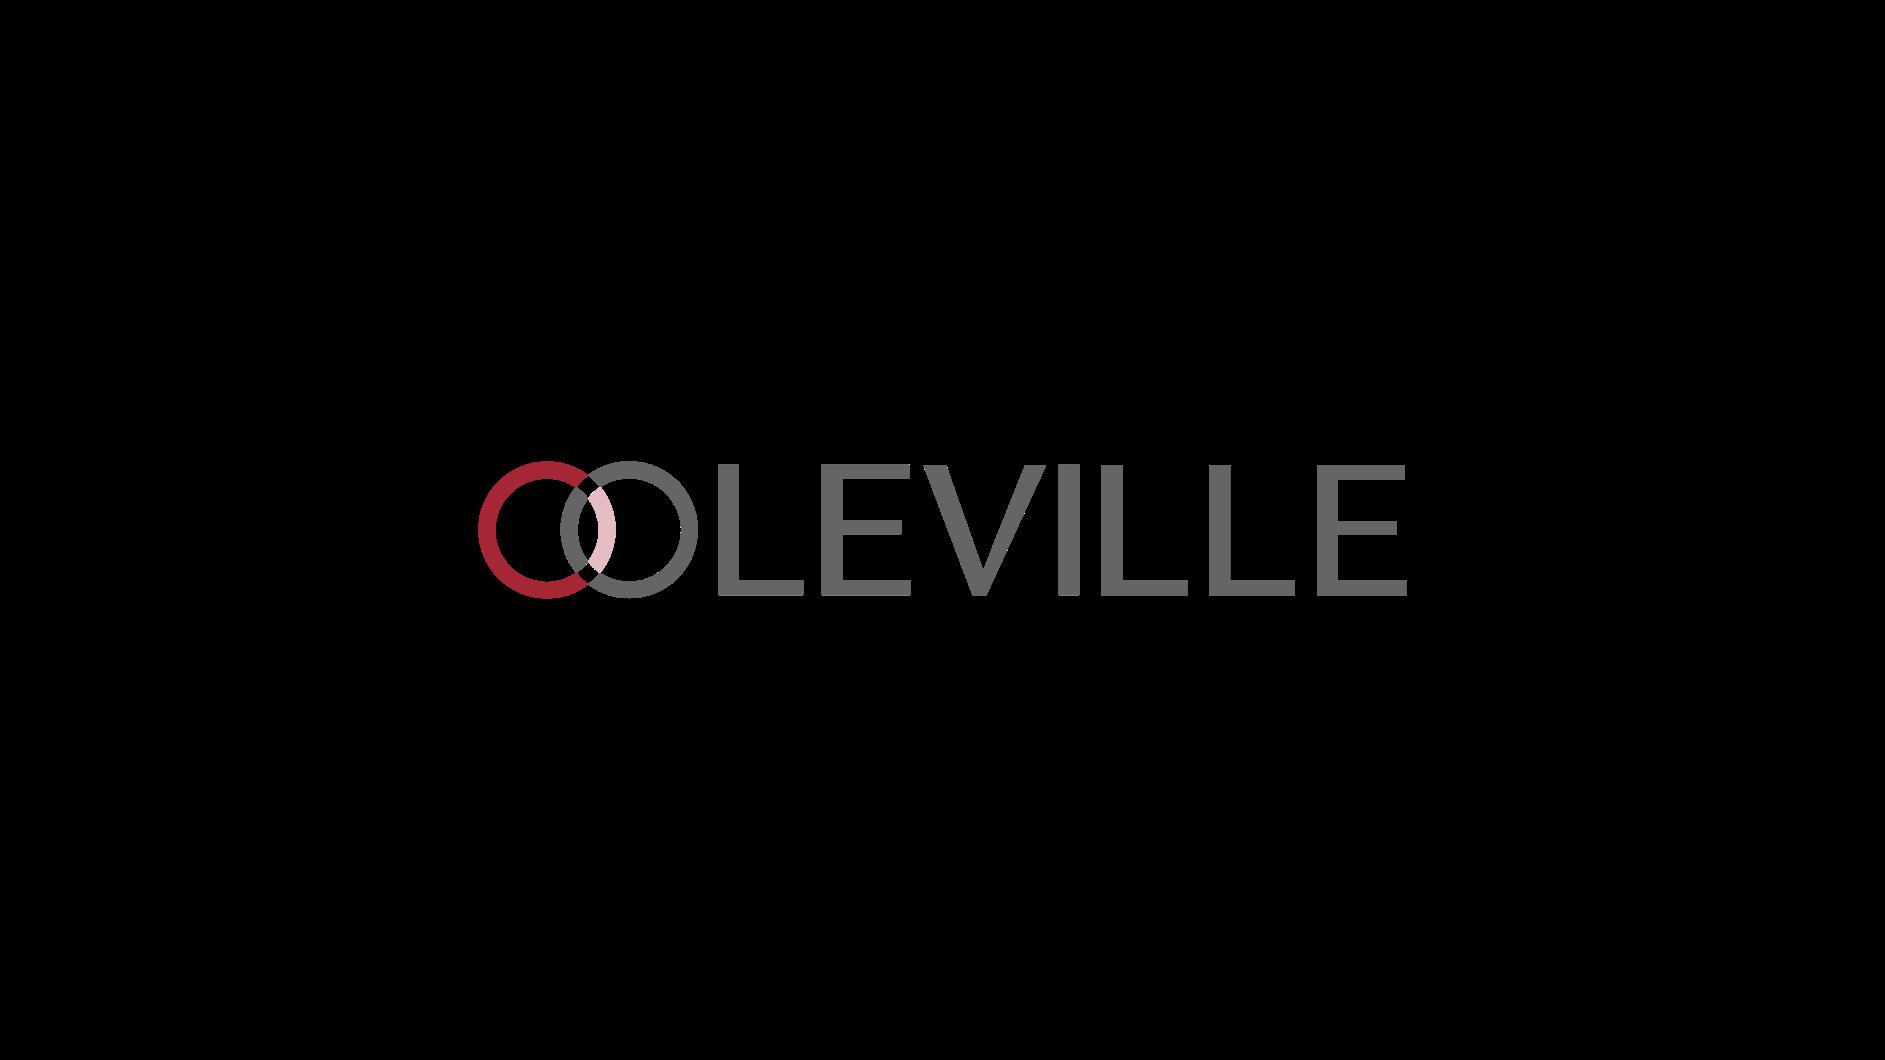 Coleville London